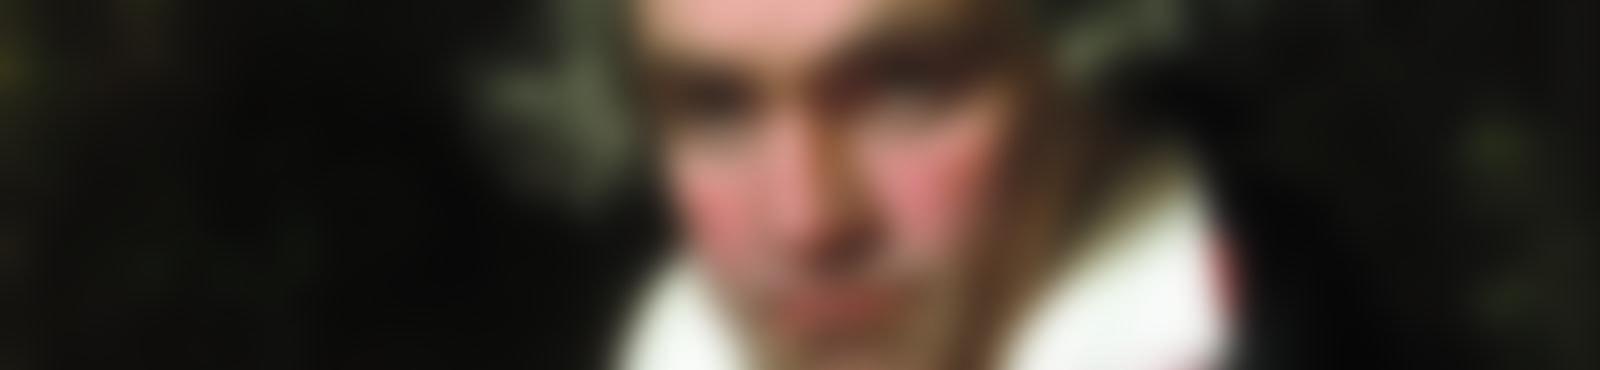 Blurred f0ac9fe8 6d2e 4de4 8d79 da46e5bf0a9f